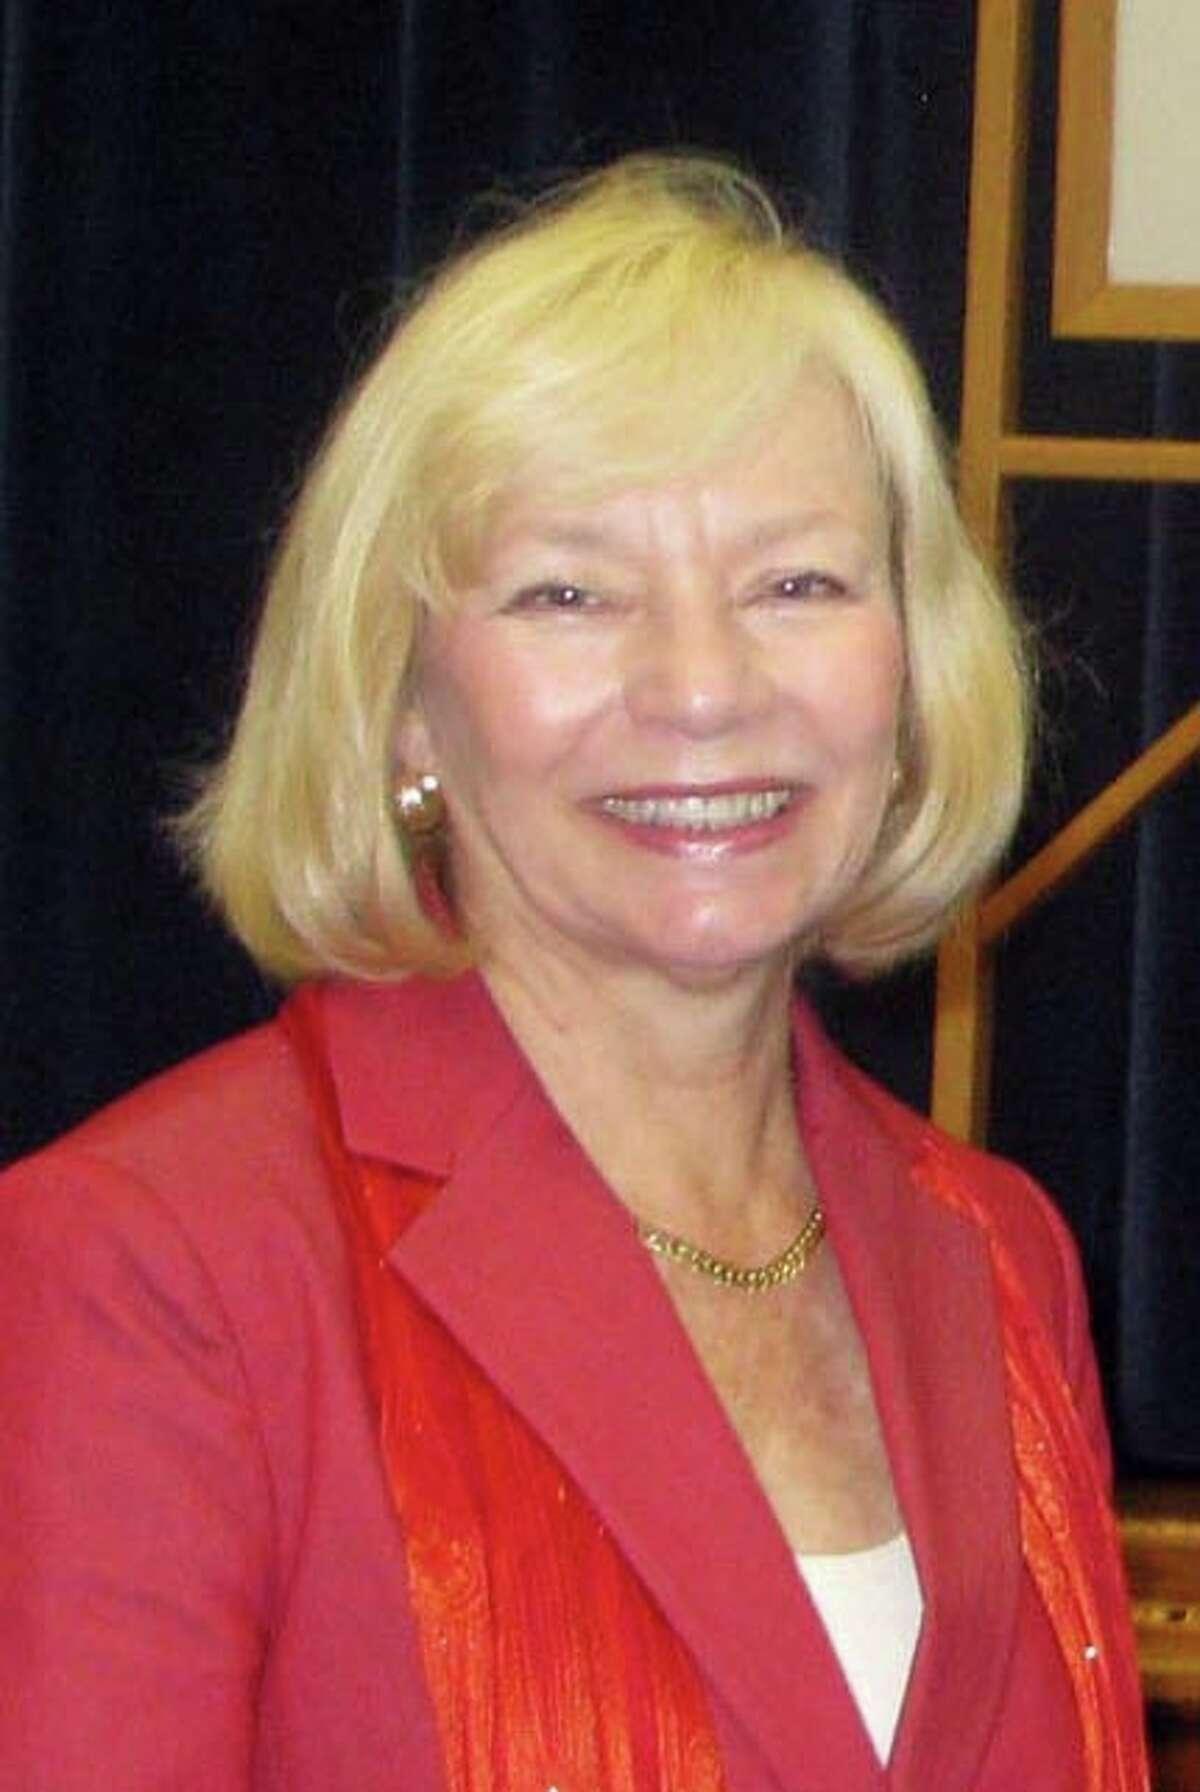 Newtown Superintendent Janet Robinson